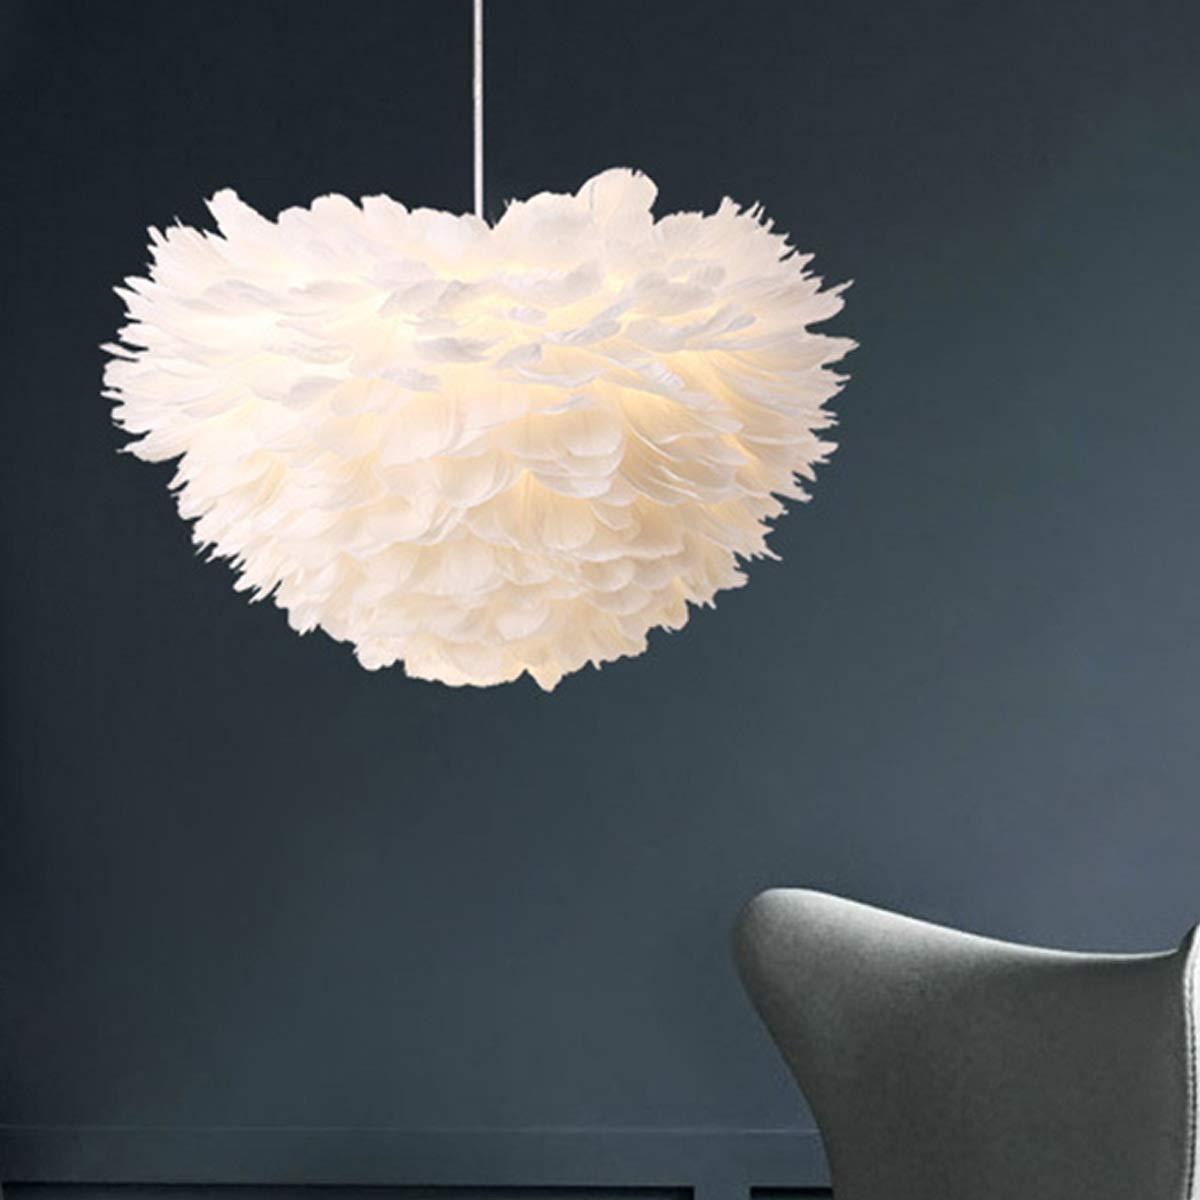 照明ライト ロフトモダンホワイト自然グースフェザーペンダントライトロマンチックE27 Ledペンダントランプ用ホームレストラン寝室用リビングルーム。 LEDランプ (色 : AC 220V, サイズ : 暖かい白) B07PMRV4R8 AC 220V 暖かい白